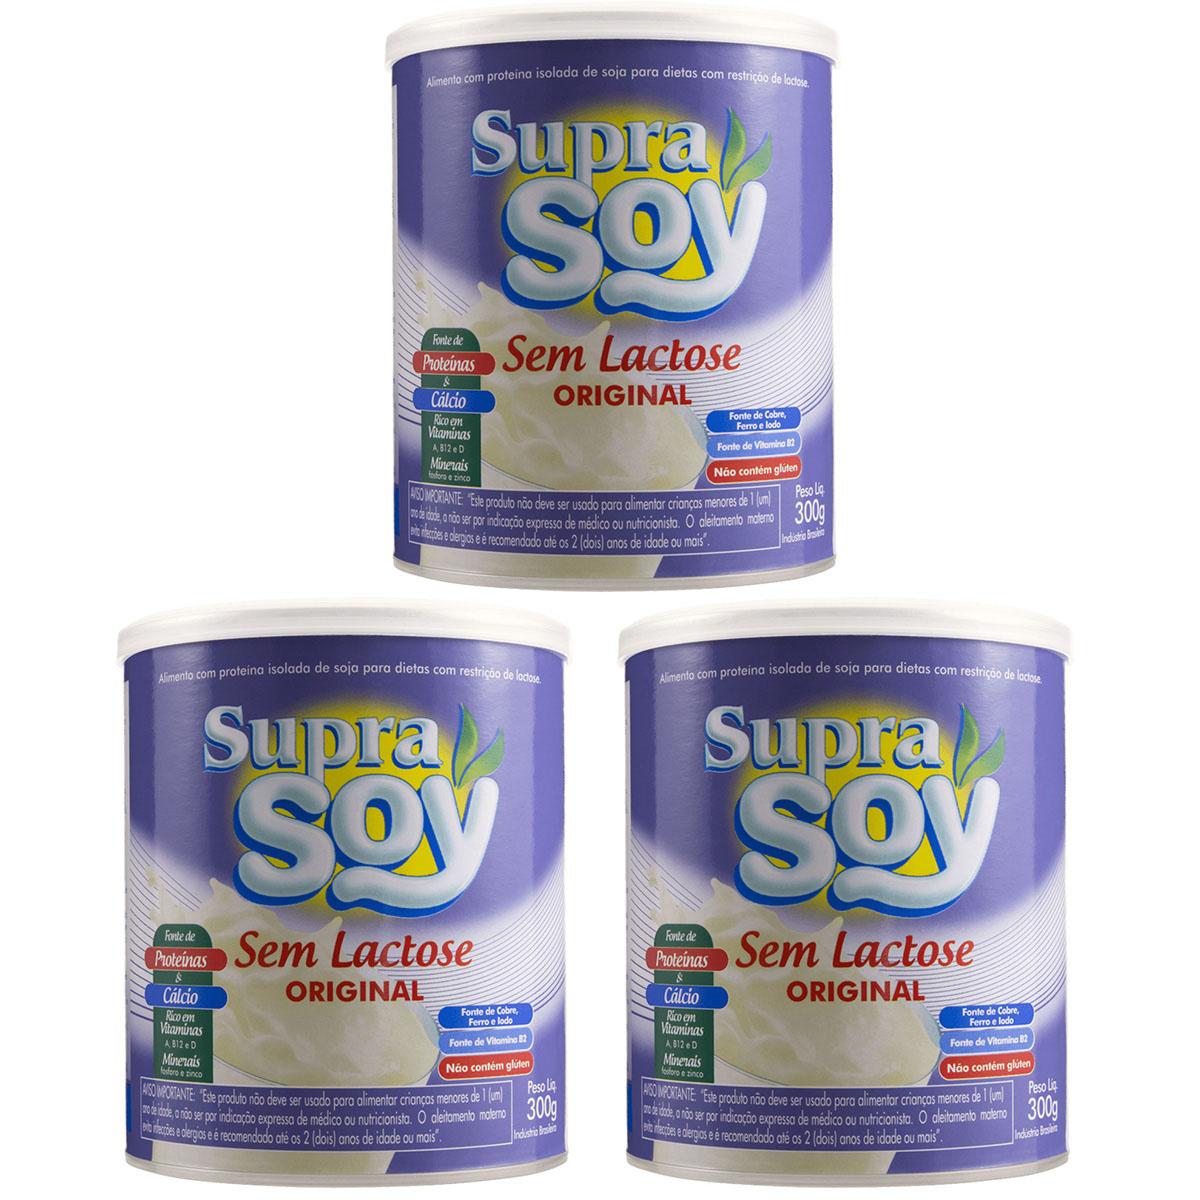 SupraSoy Alimento com Proteína Isolada de Soja 300g Sabor Original - Kit 3 Latas